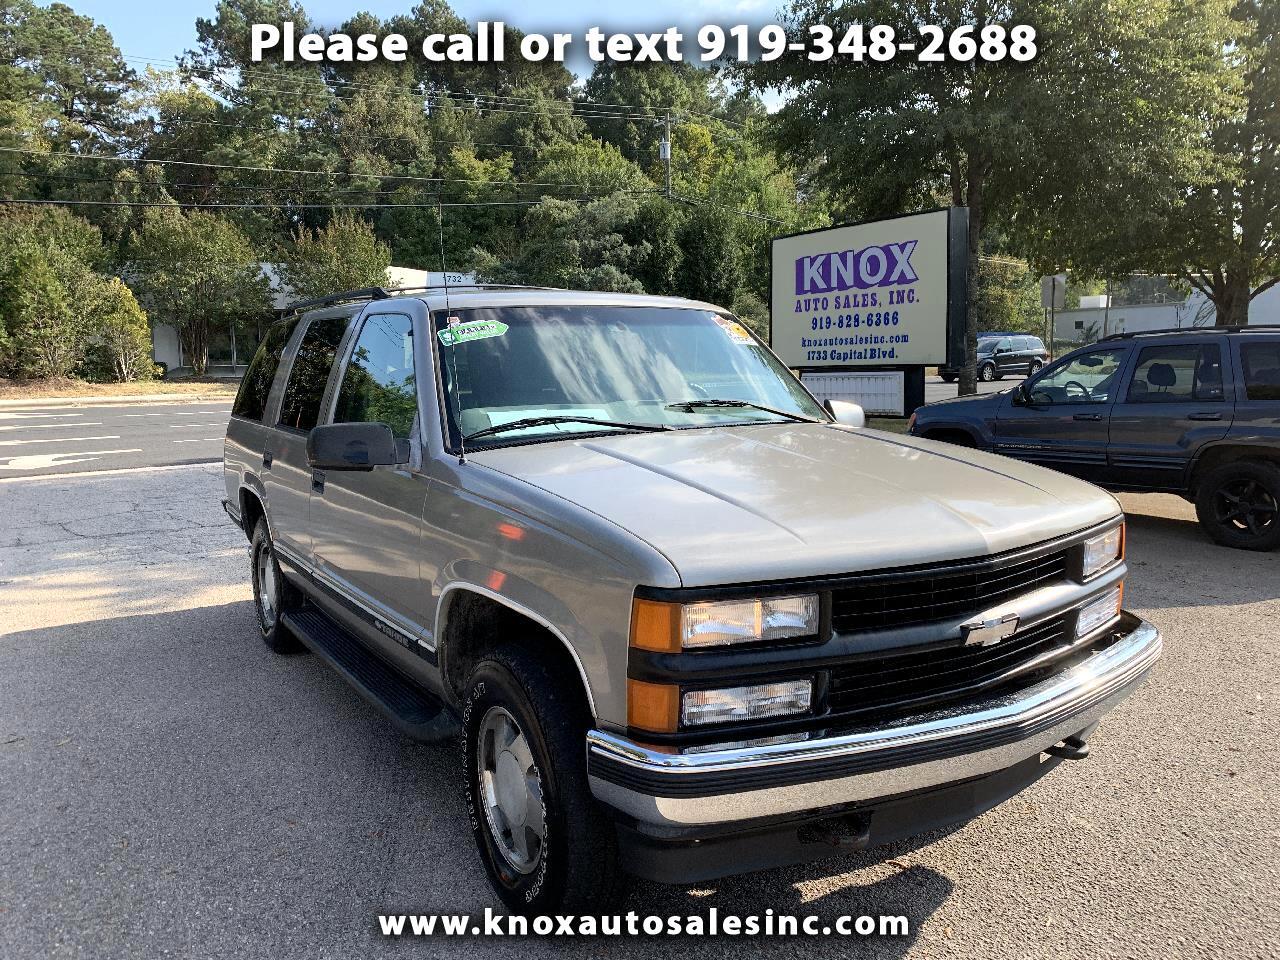 1998 Chevrolet Tahoe 4-Door 4WD